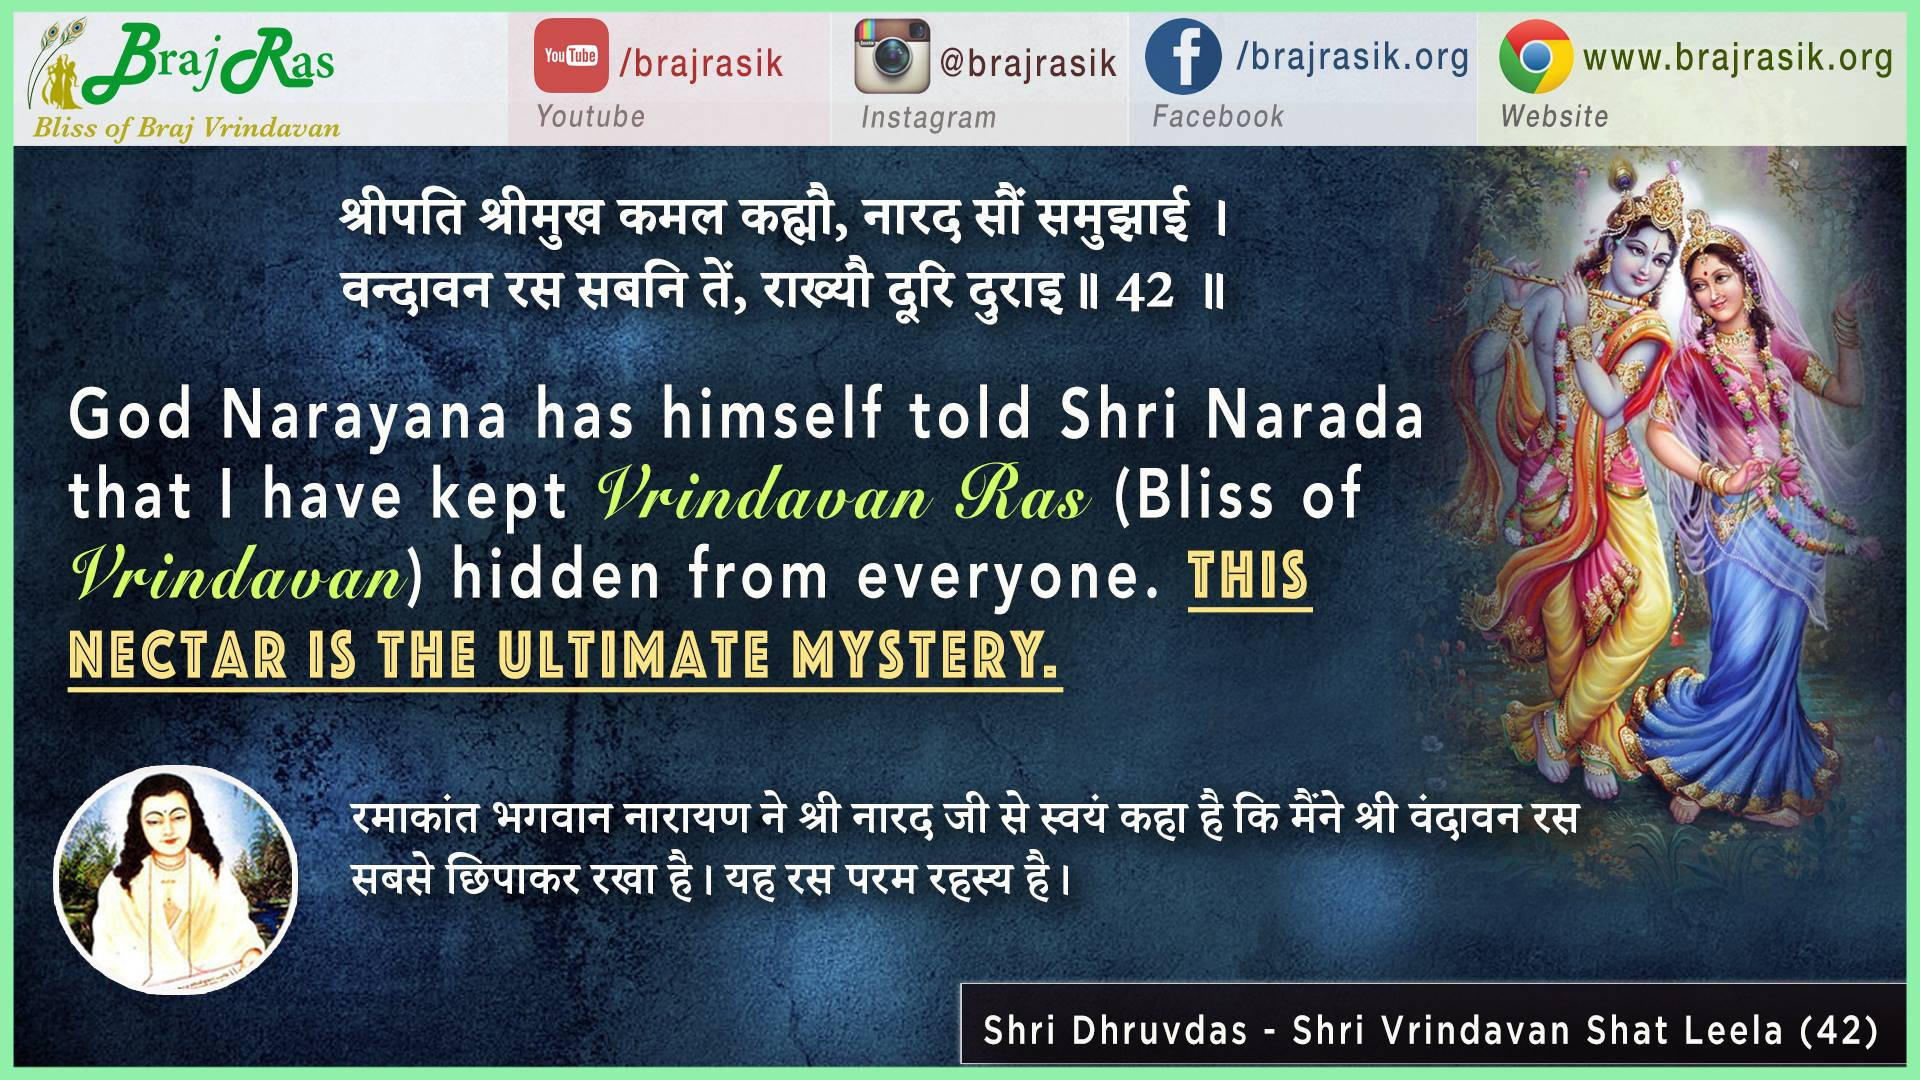 Shripati Shrimukh Kamal Kahyo - Shri Dhruvdas - Shri Vrindavan Shat Leela